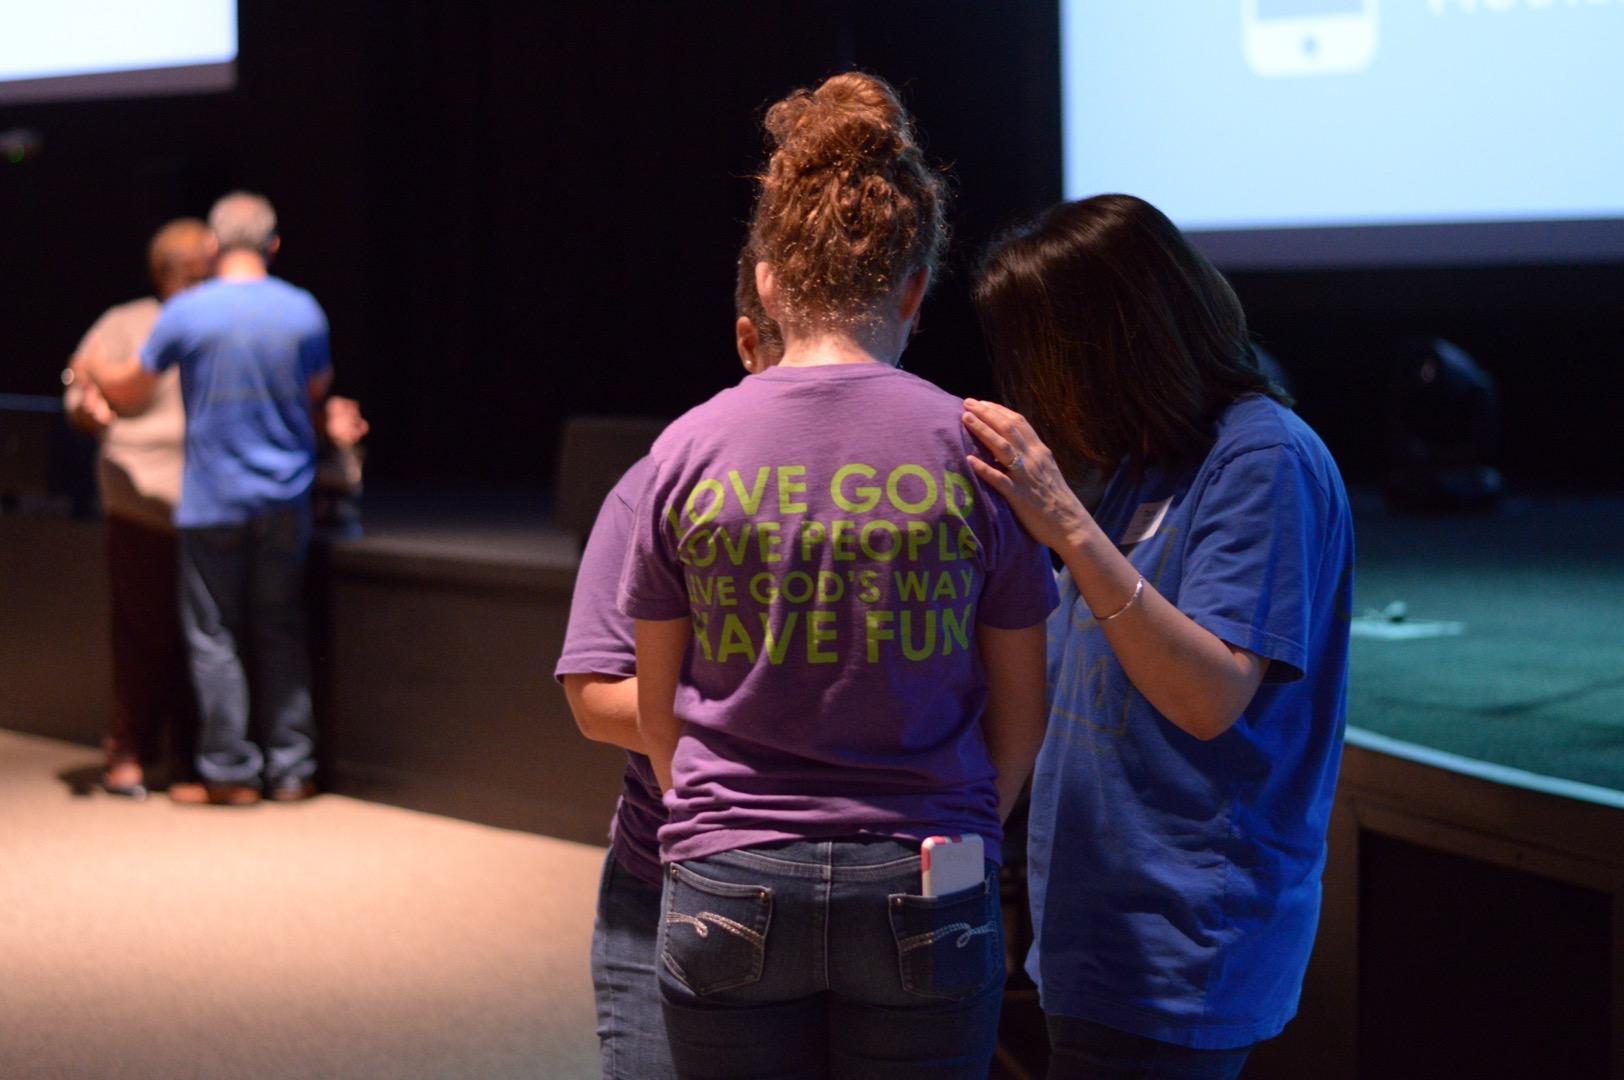 people-praying-together.JPG